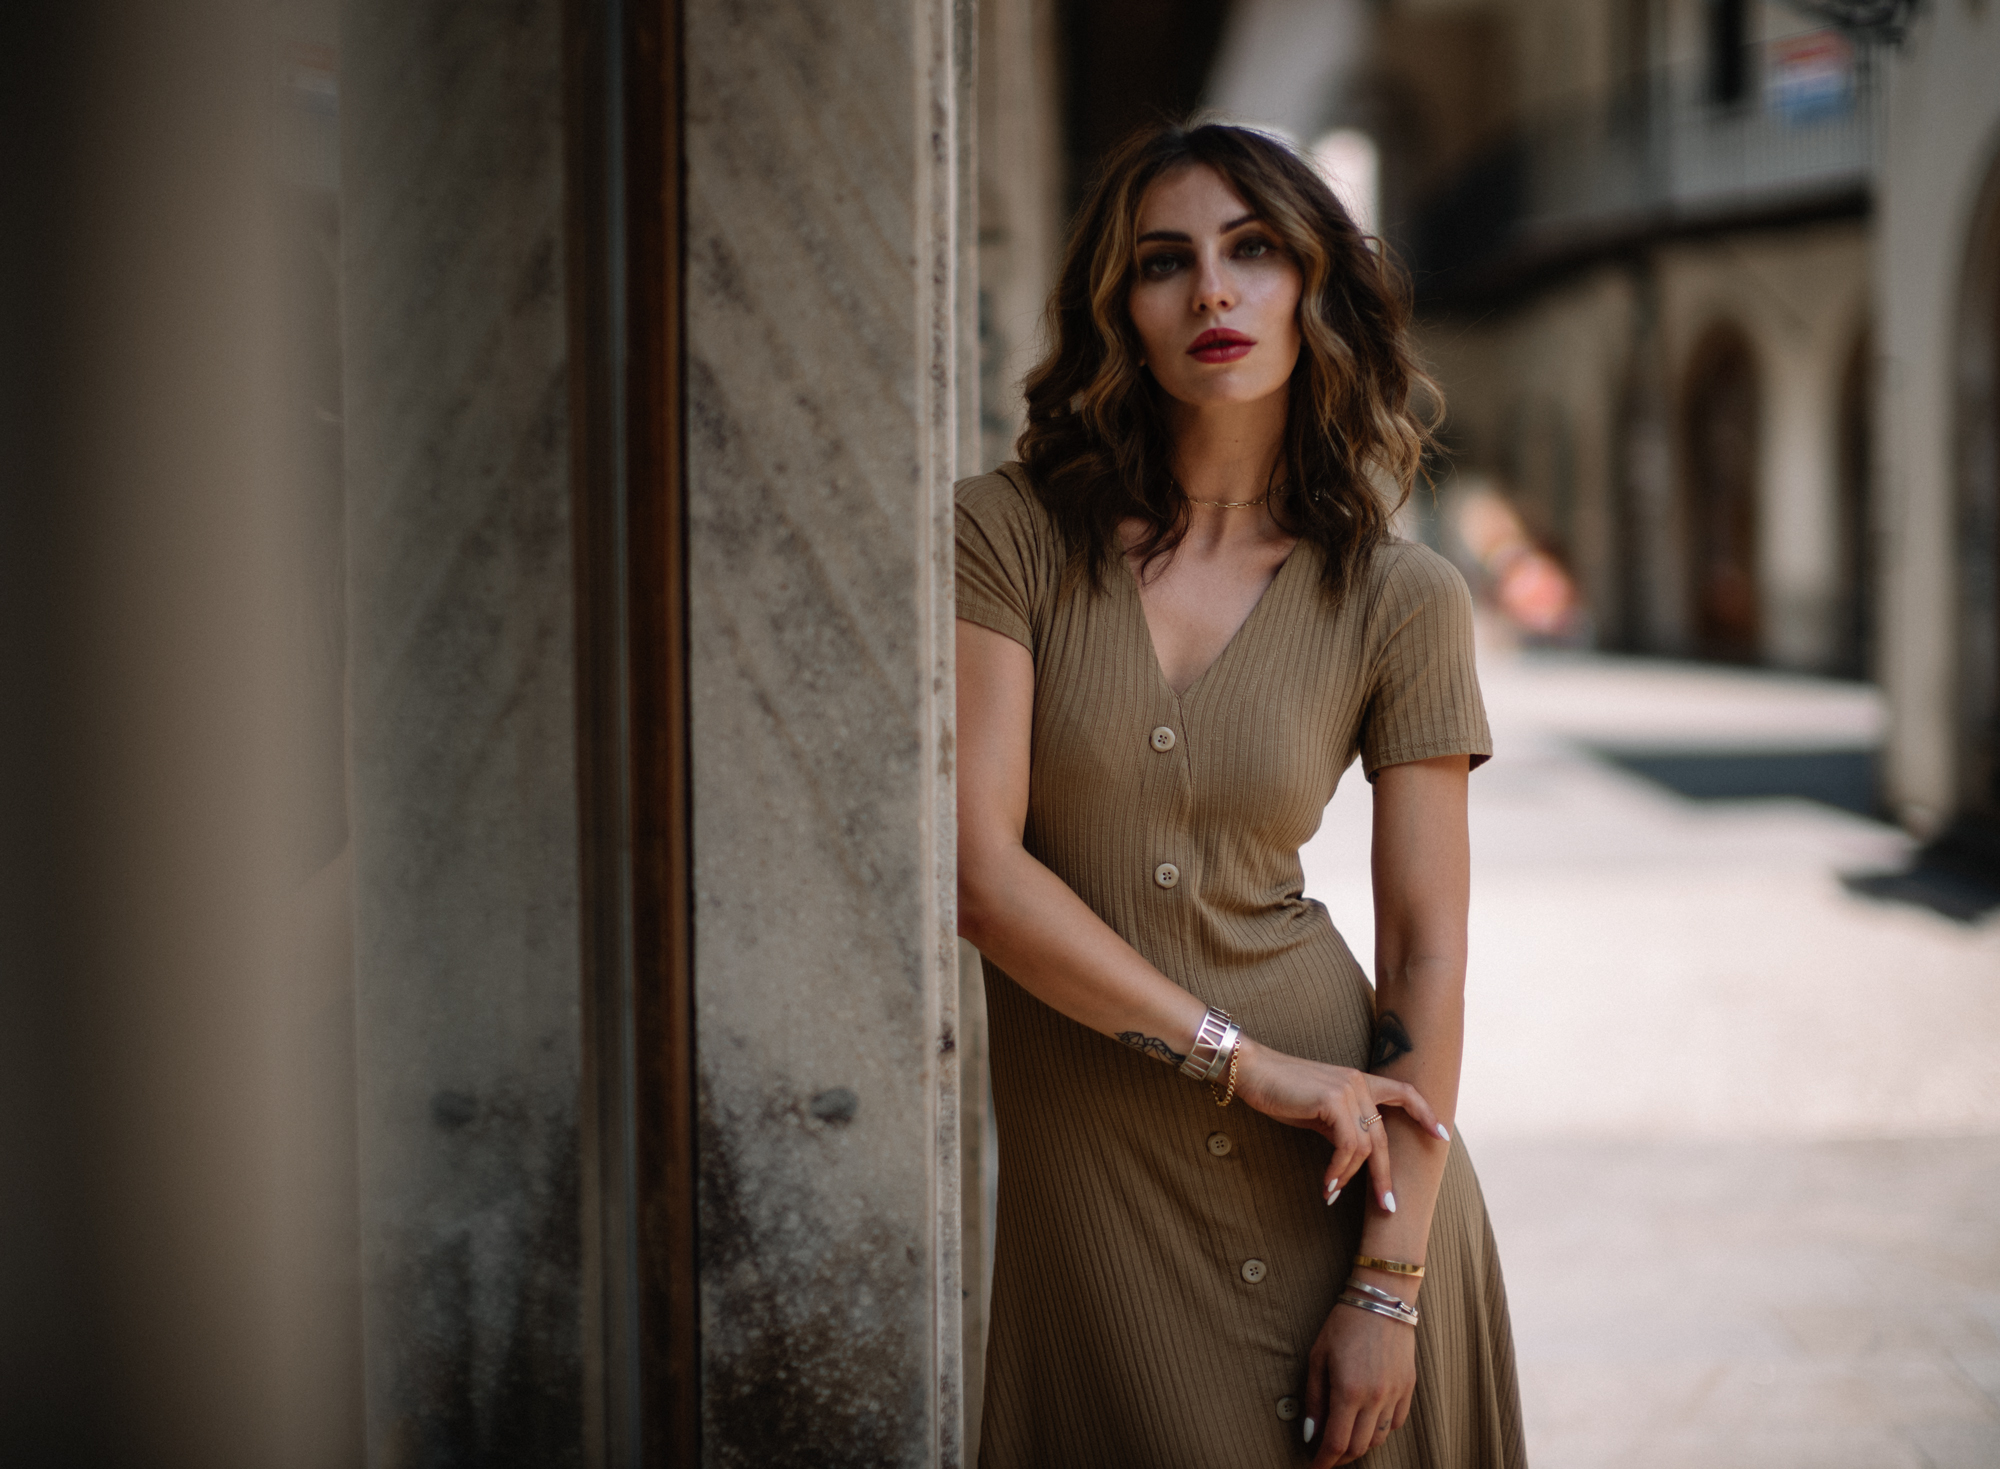 Маша Сэджвик | Как найти баланс между работой и личной жизнью | телесное платье | осенний стиль | образ | мода | легкий | сексуальный, классный, минималистичный, женственный